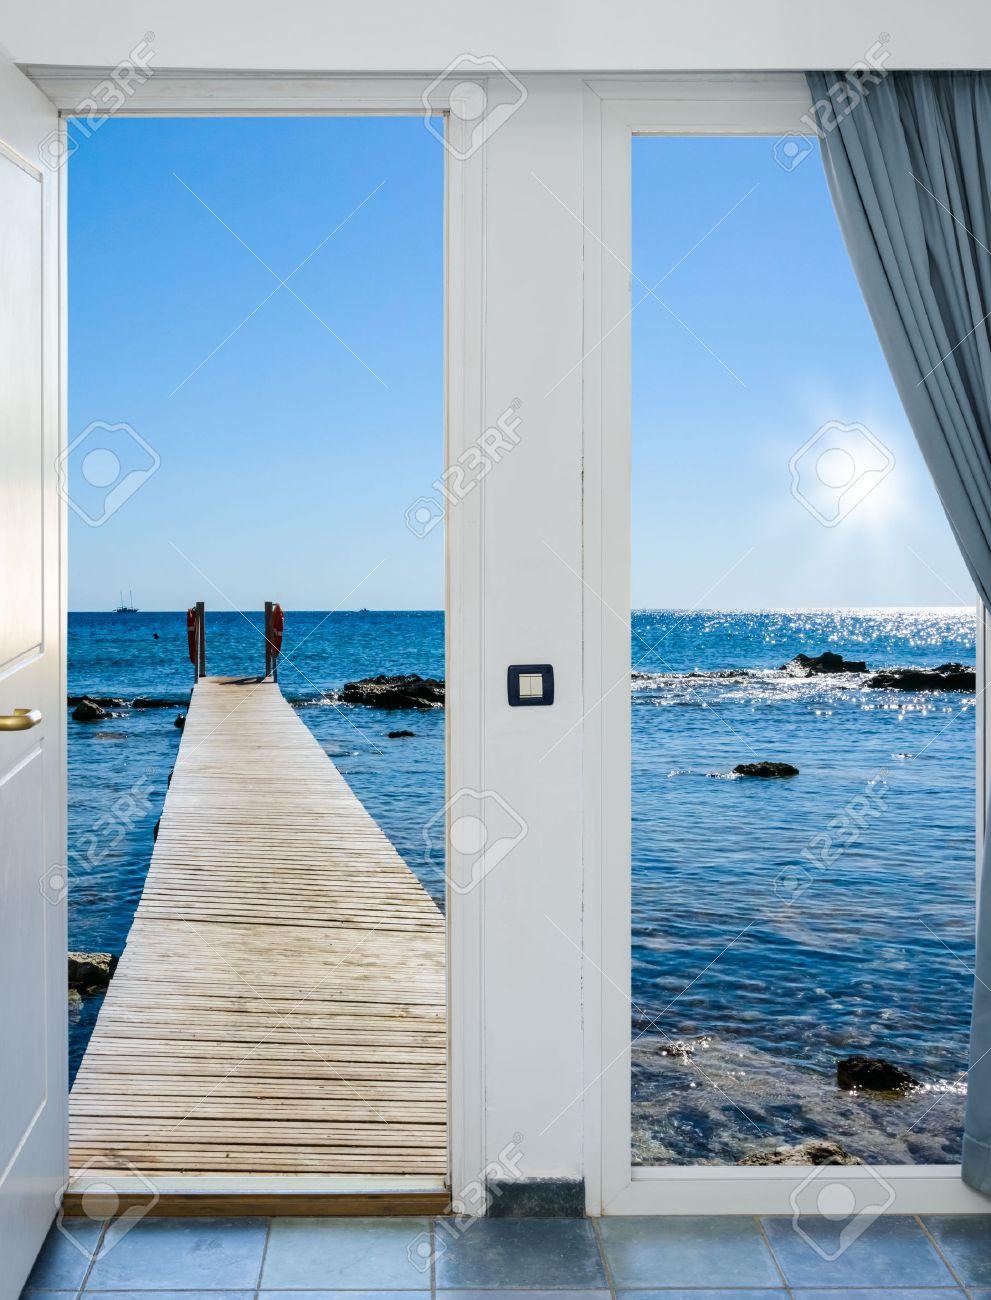 Blick aus dem fenster meer  Der Blick Aus Dem Offenen Fenster Auf Dem Meer Mit Einem Kai ...